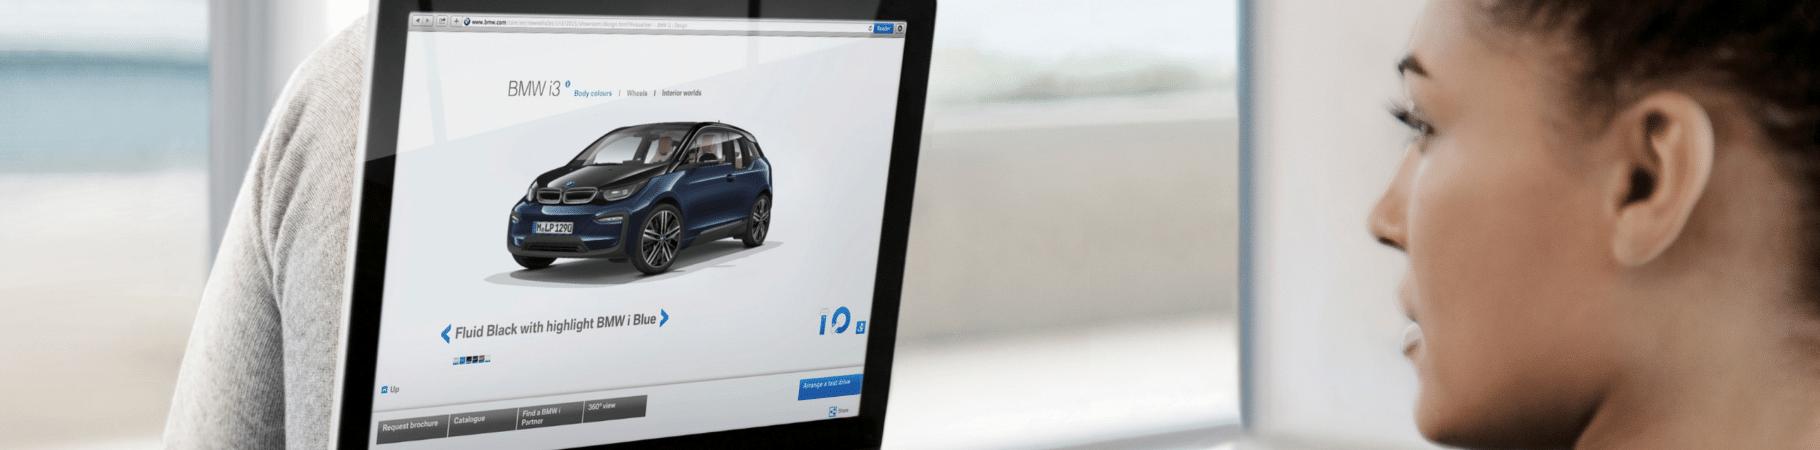 Virtuele meeting BMW dealer Tielt Waregem